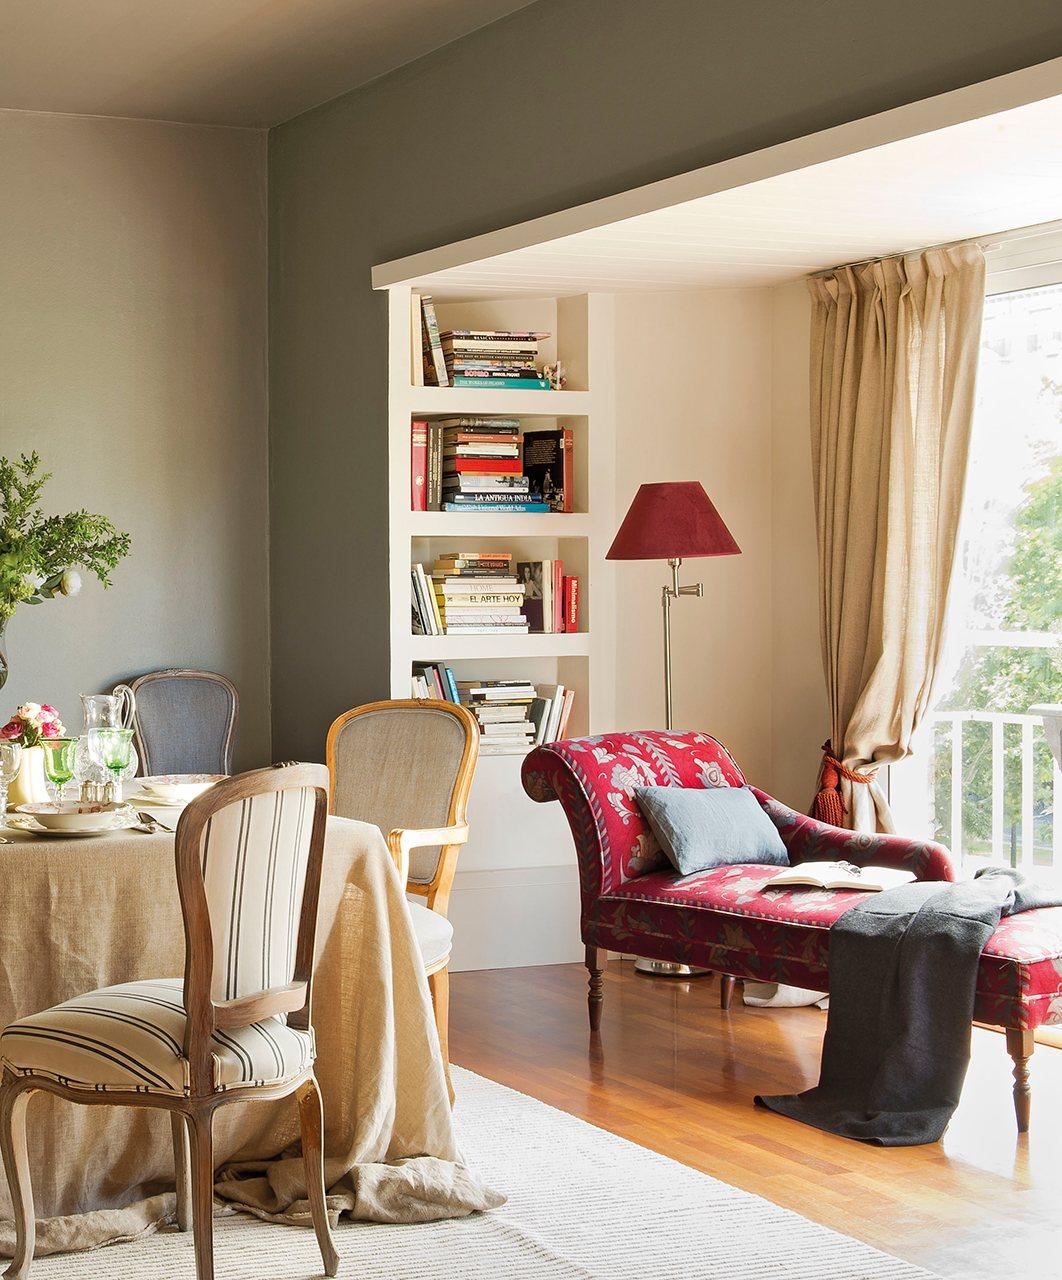 Como disimular una columna en el salon - Como decorar una columna en el salon ...